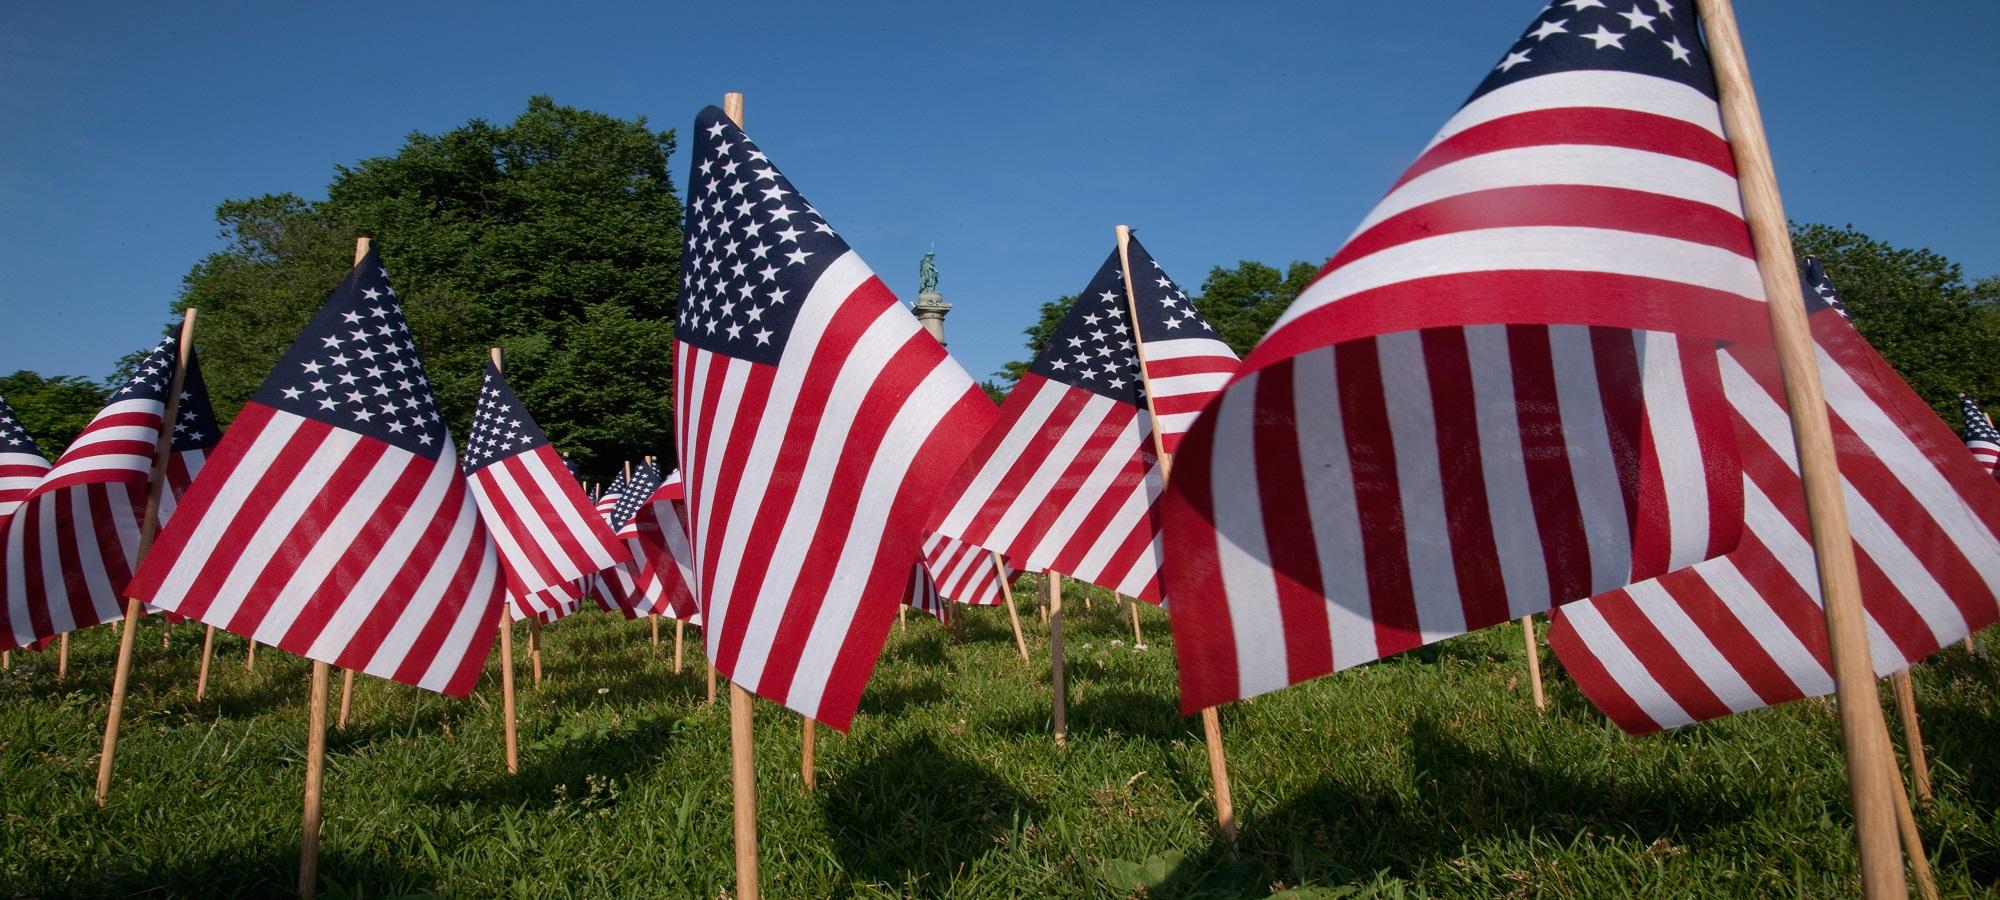 Flags Big